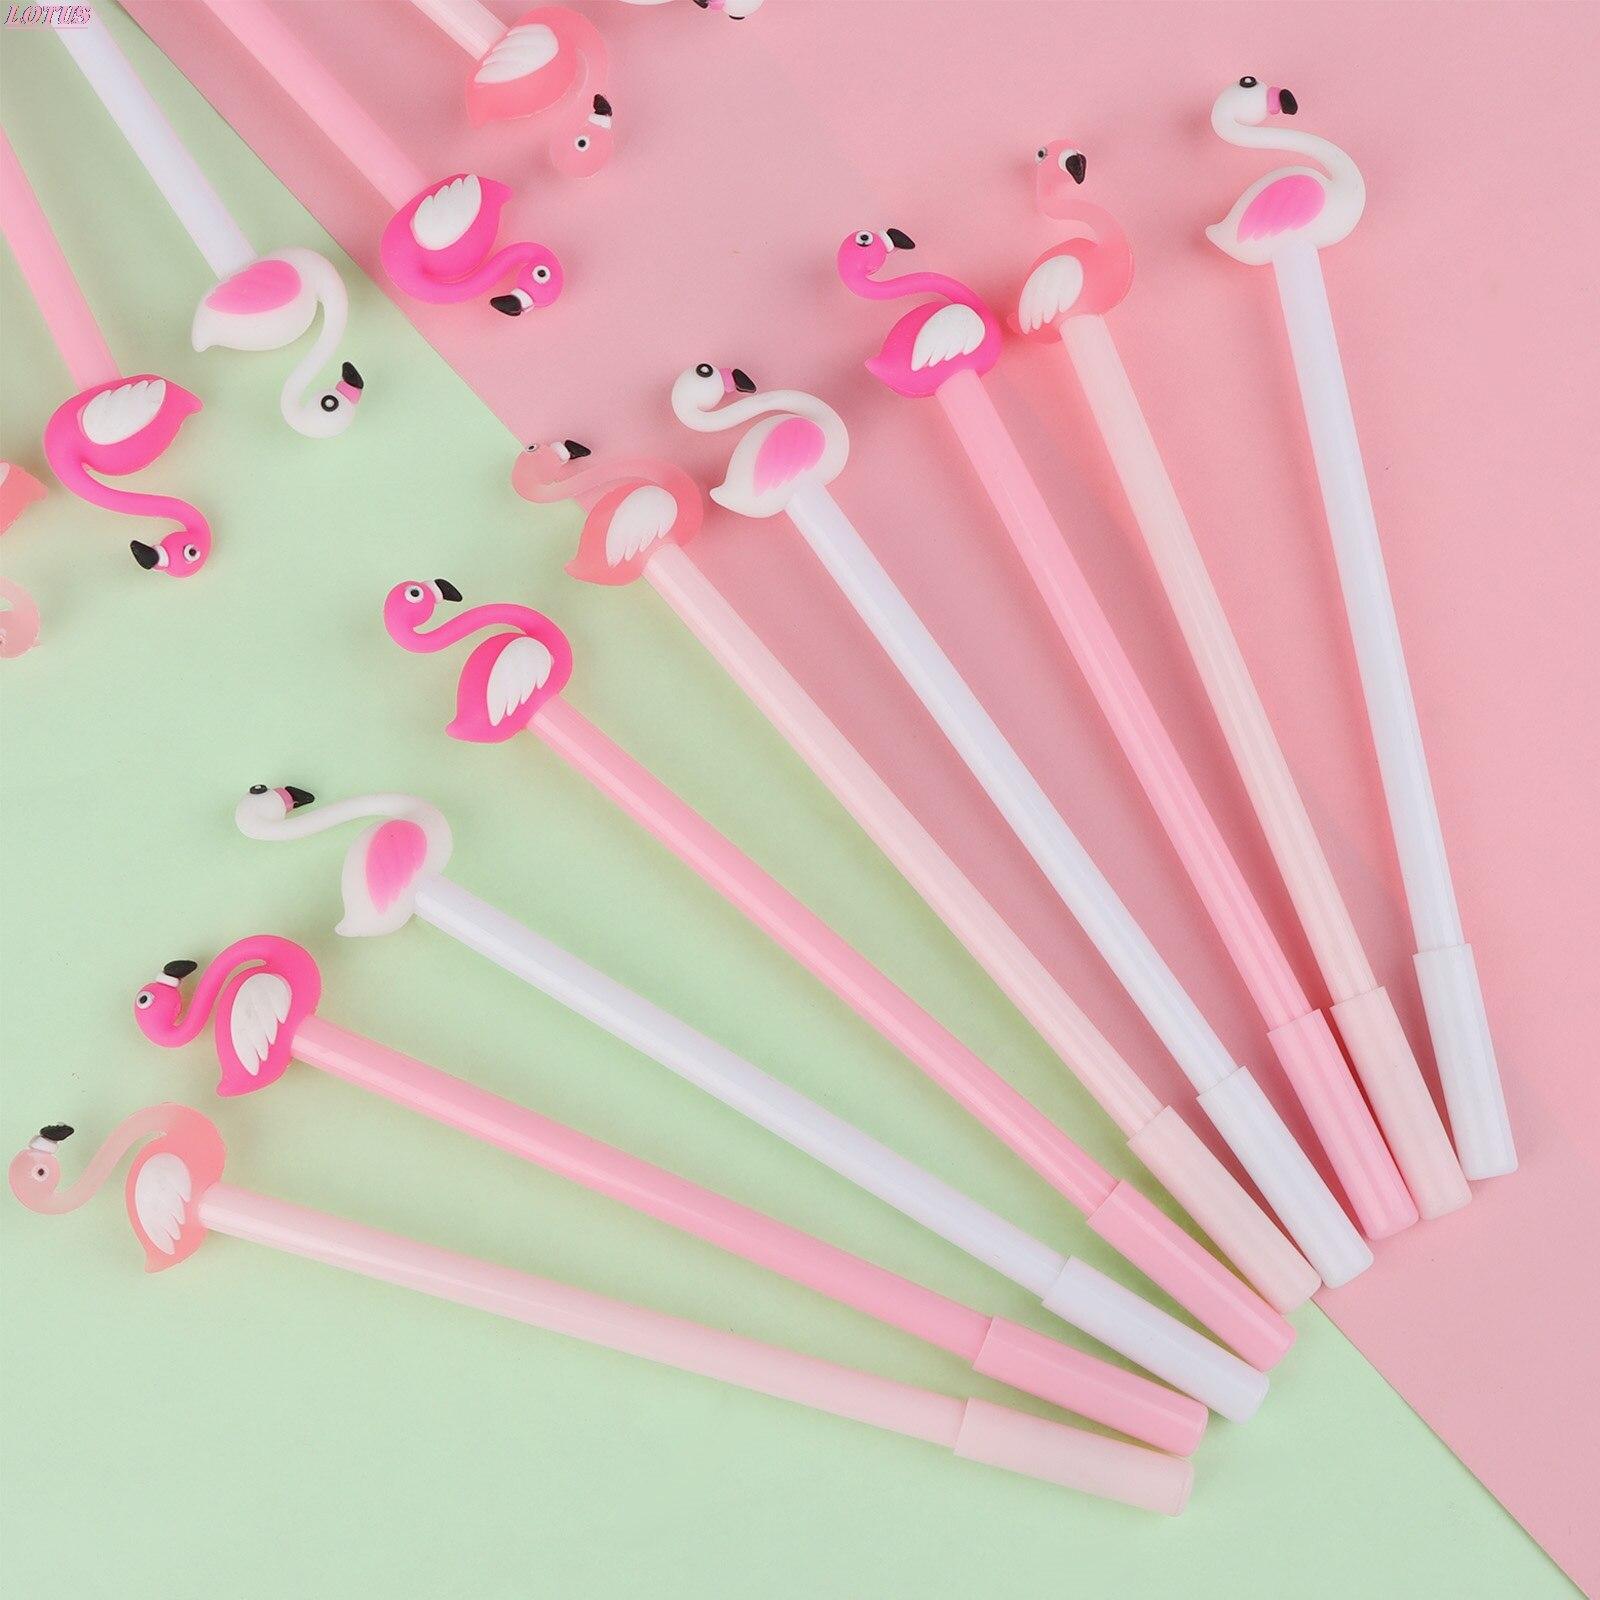 30 шт. оптовая продажа, творческая мультяшная ручка с фламинго, черная Студенческая бумажная ручка, оптовая продажа